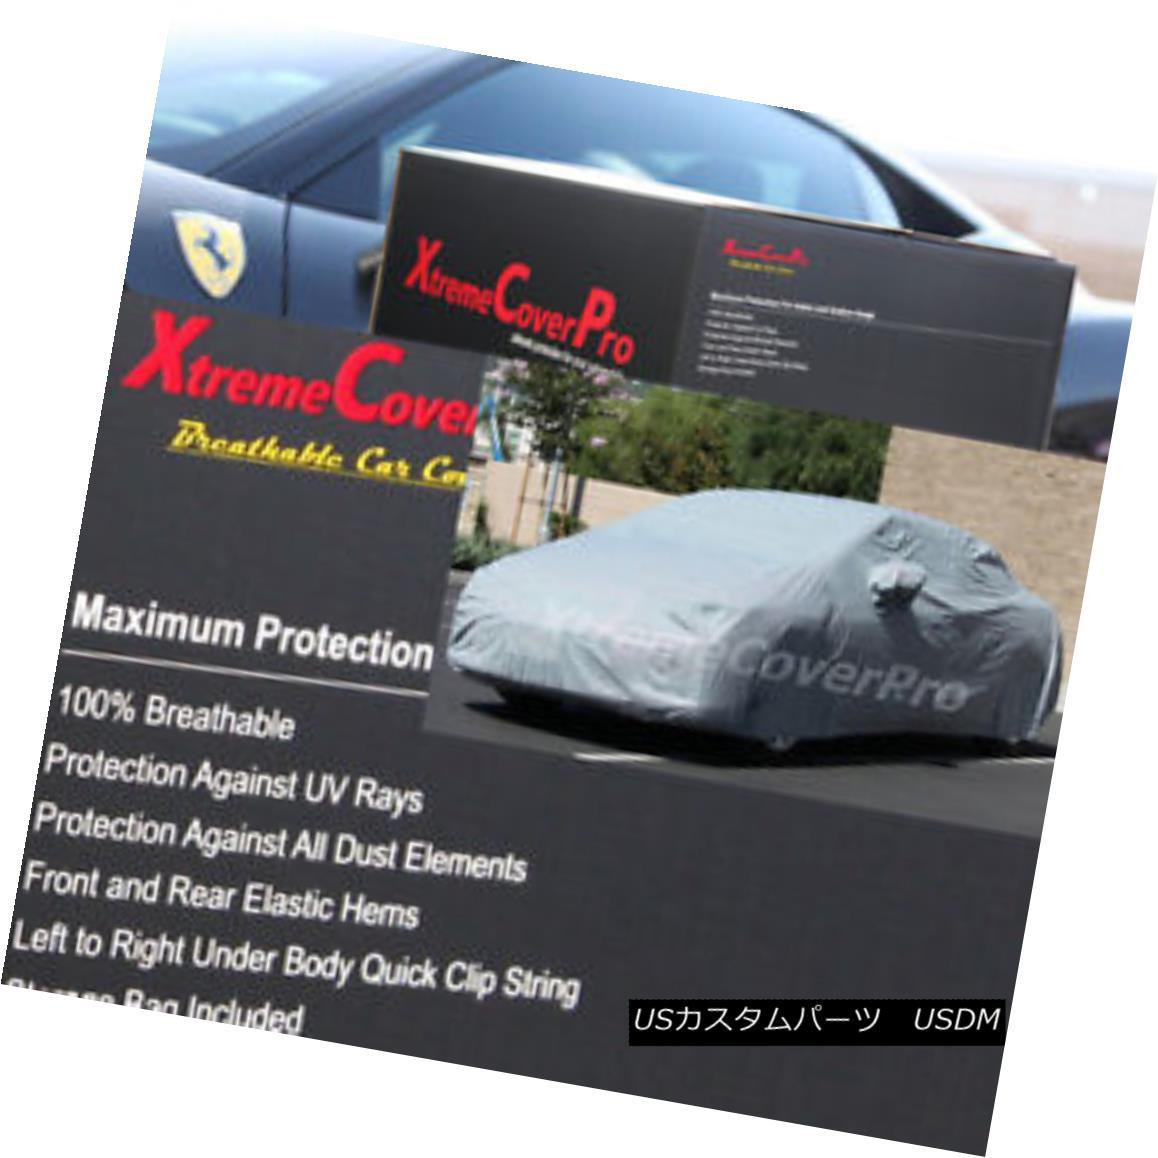 カーカバー 2003 2004 2005 2006 2007 Honda Accord Sedan Breathable Car Cover w/MirrorPocket 2003年2004年2005年2006年2007年ホンダアコードセダン通気性カーカバー付き(MirrorPocket)